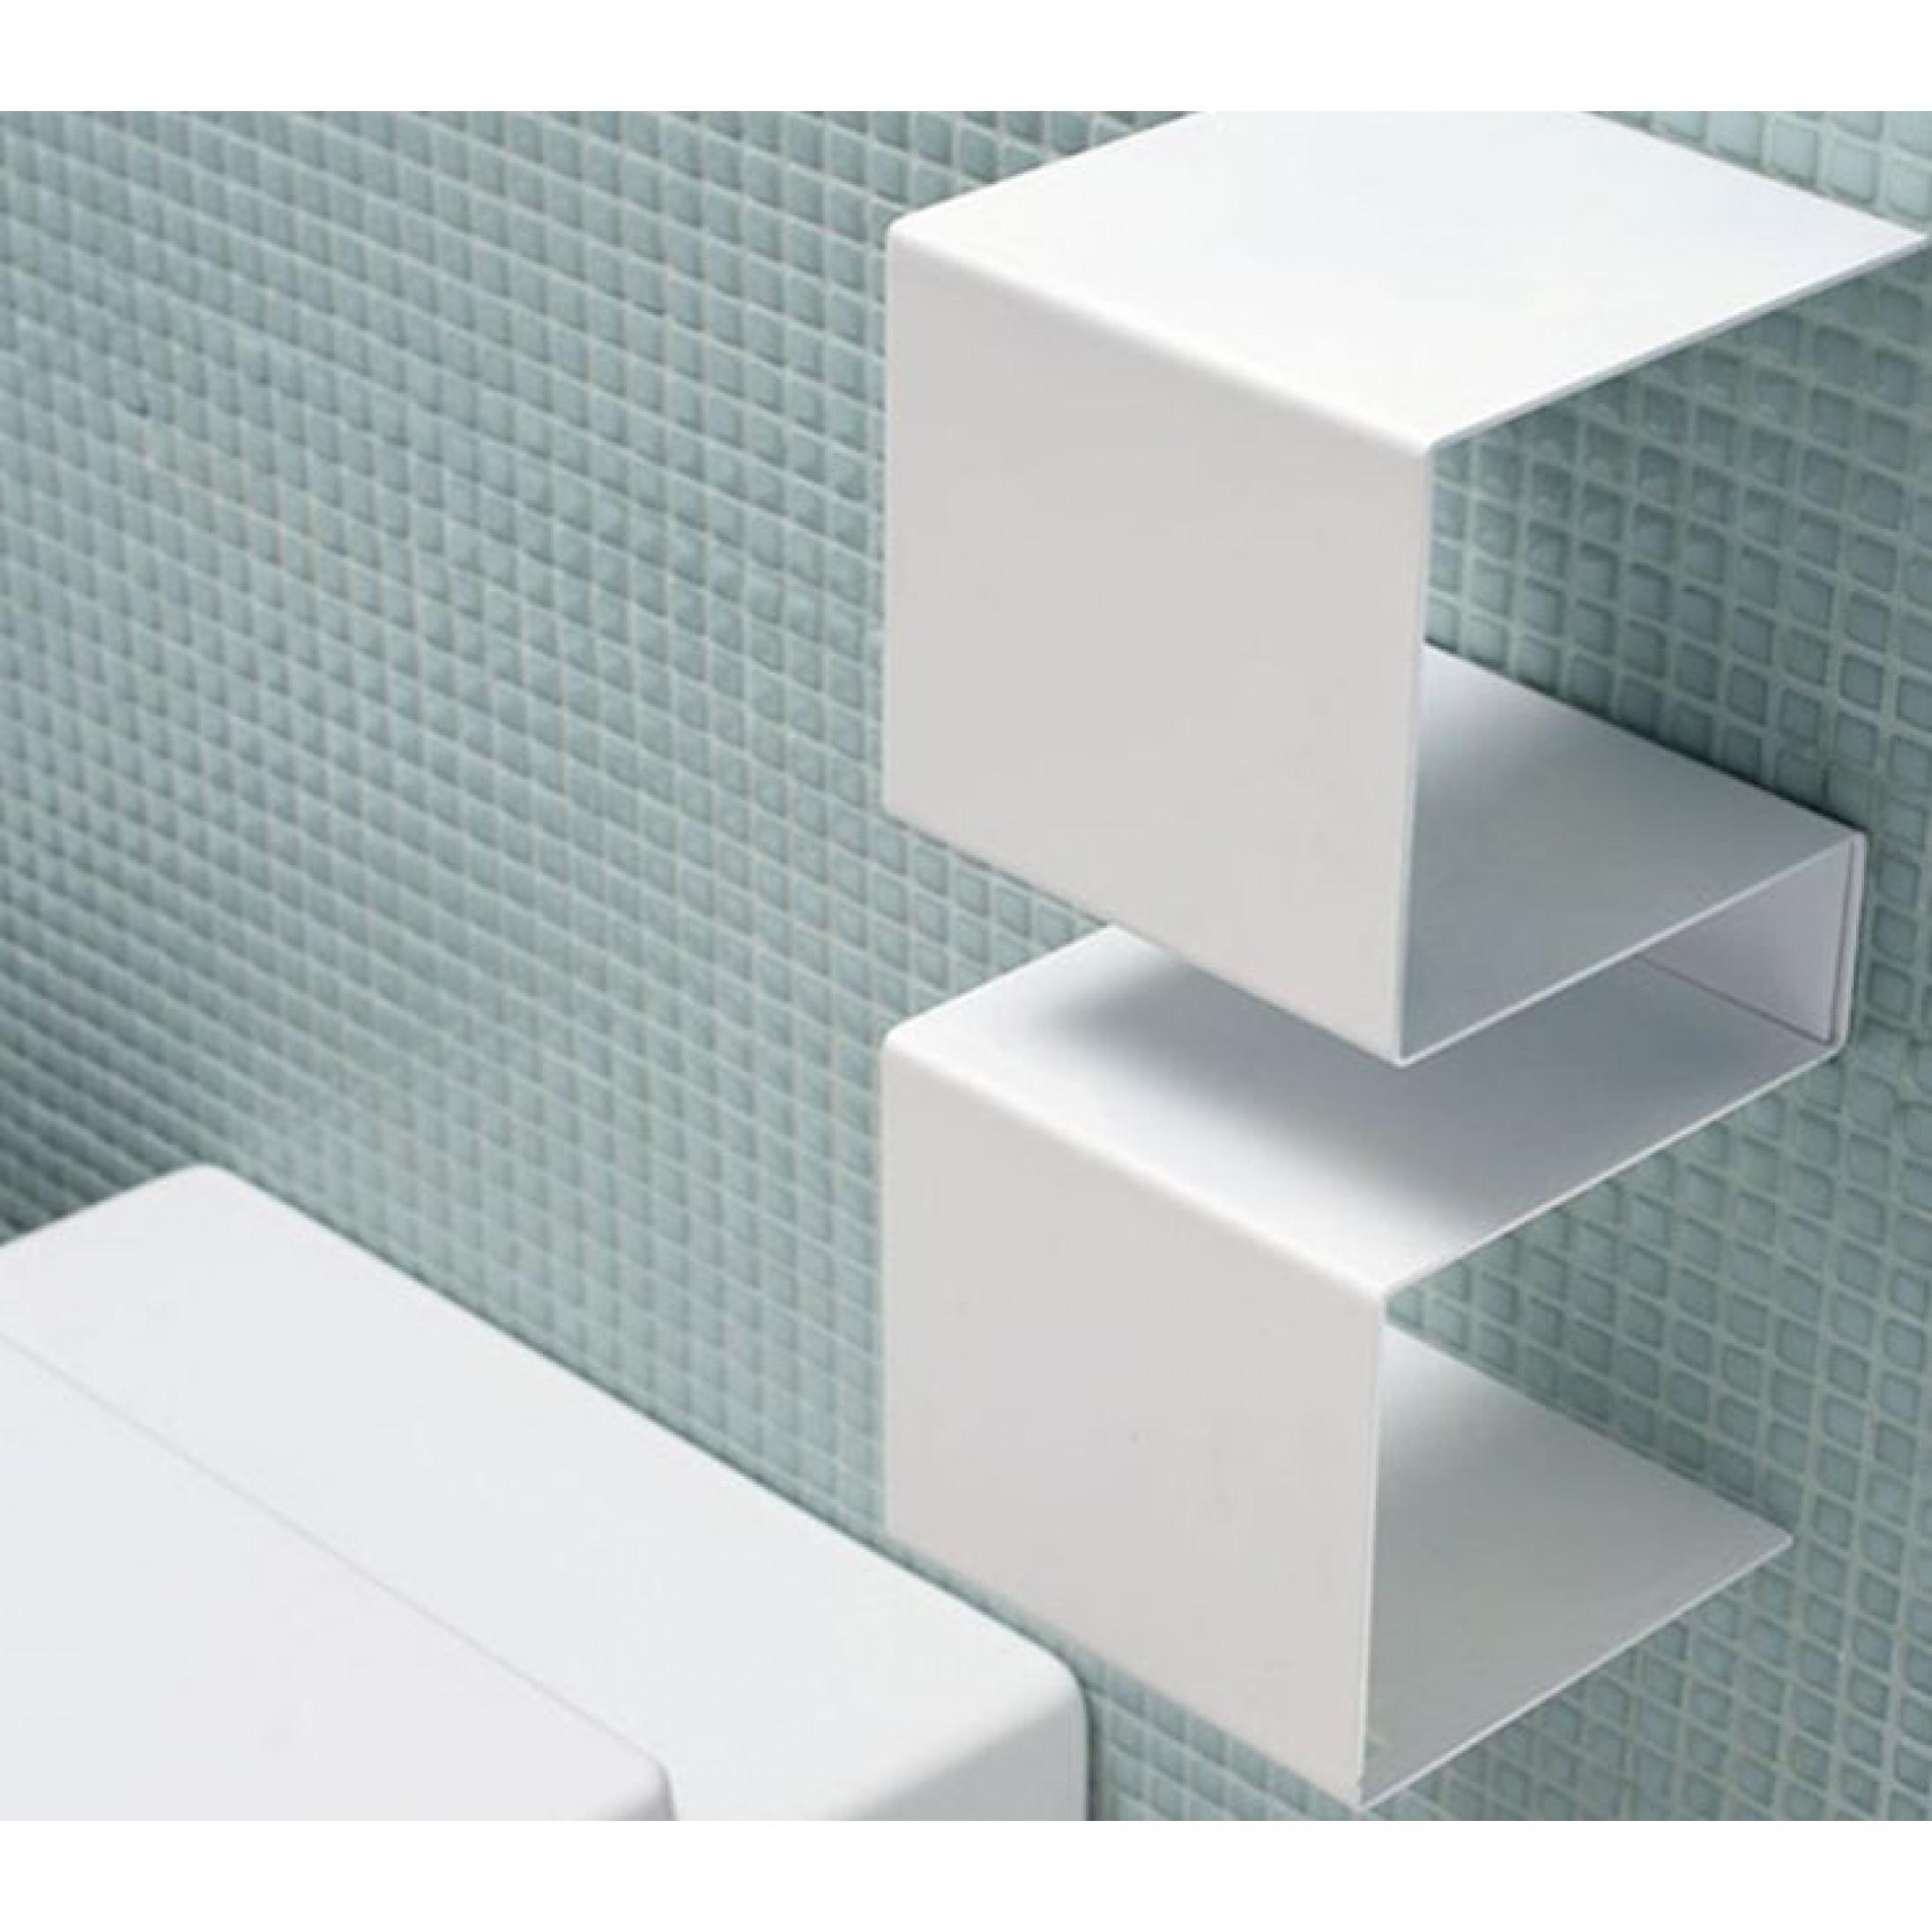 Toilettenpapierhalter InTeam | Weiß